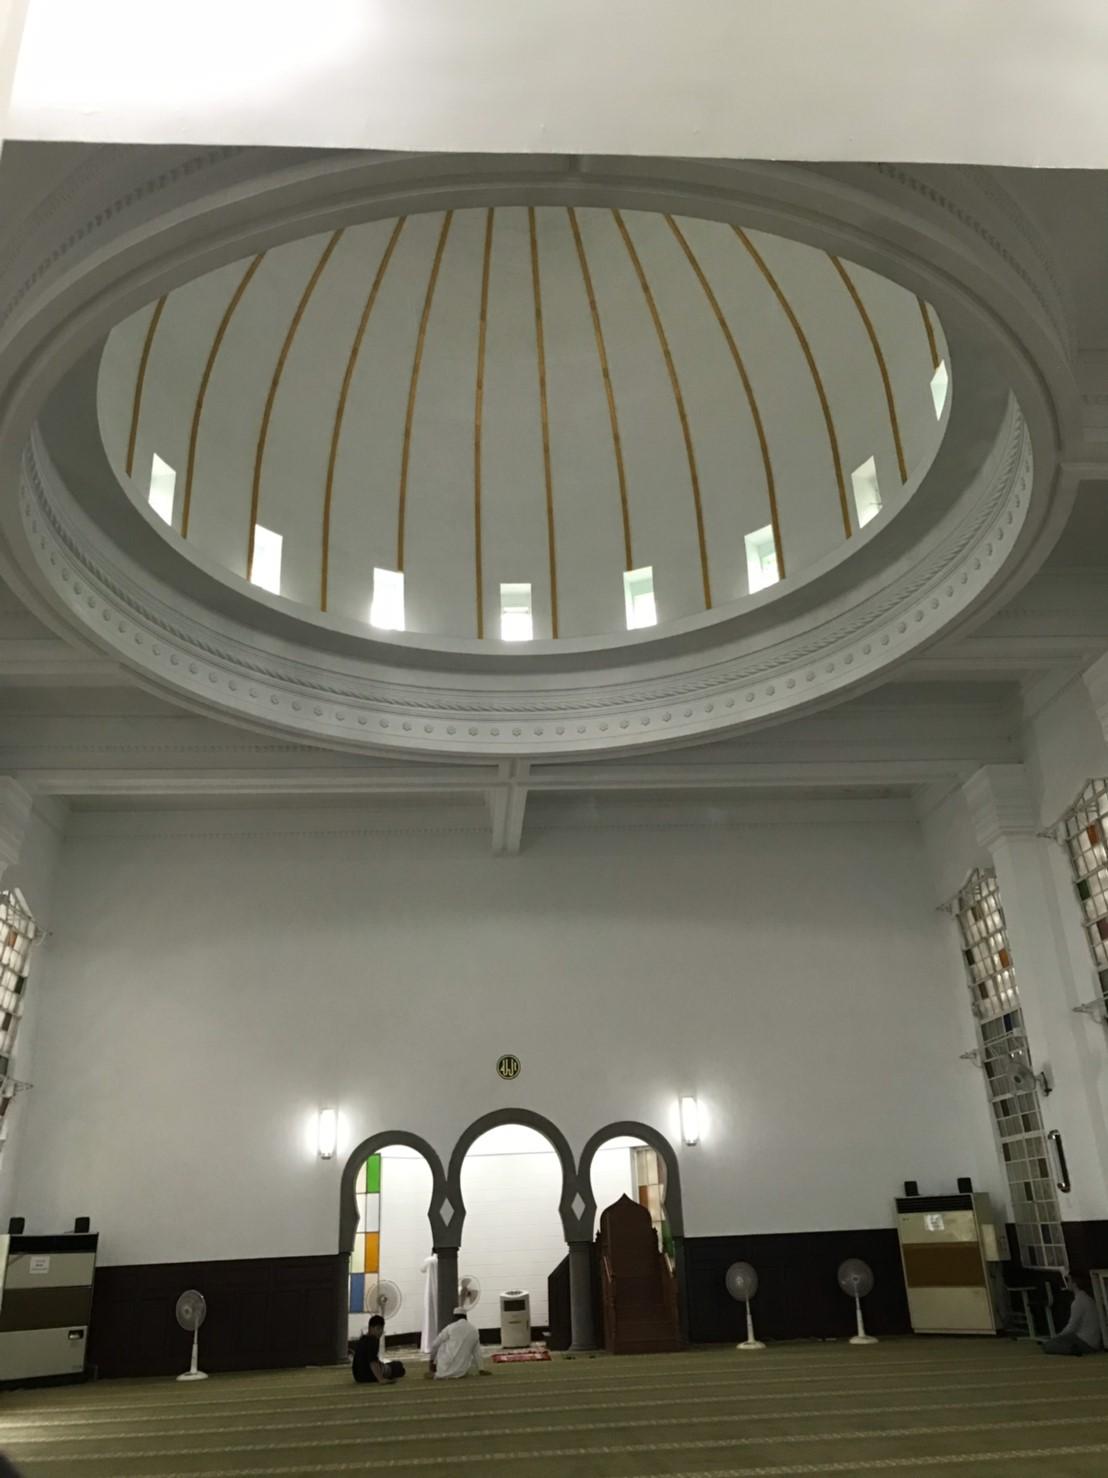 092119參訪清真寺、笑的藝術_191004_0060.jpg